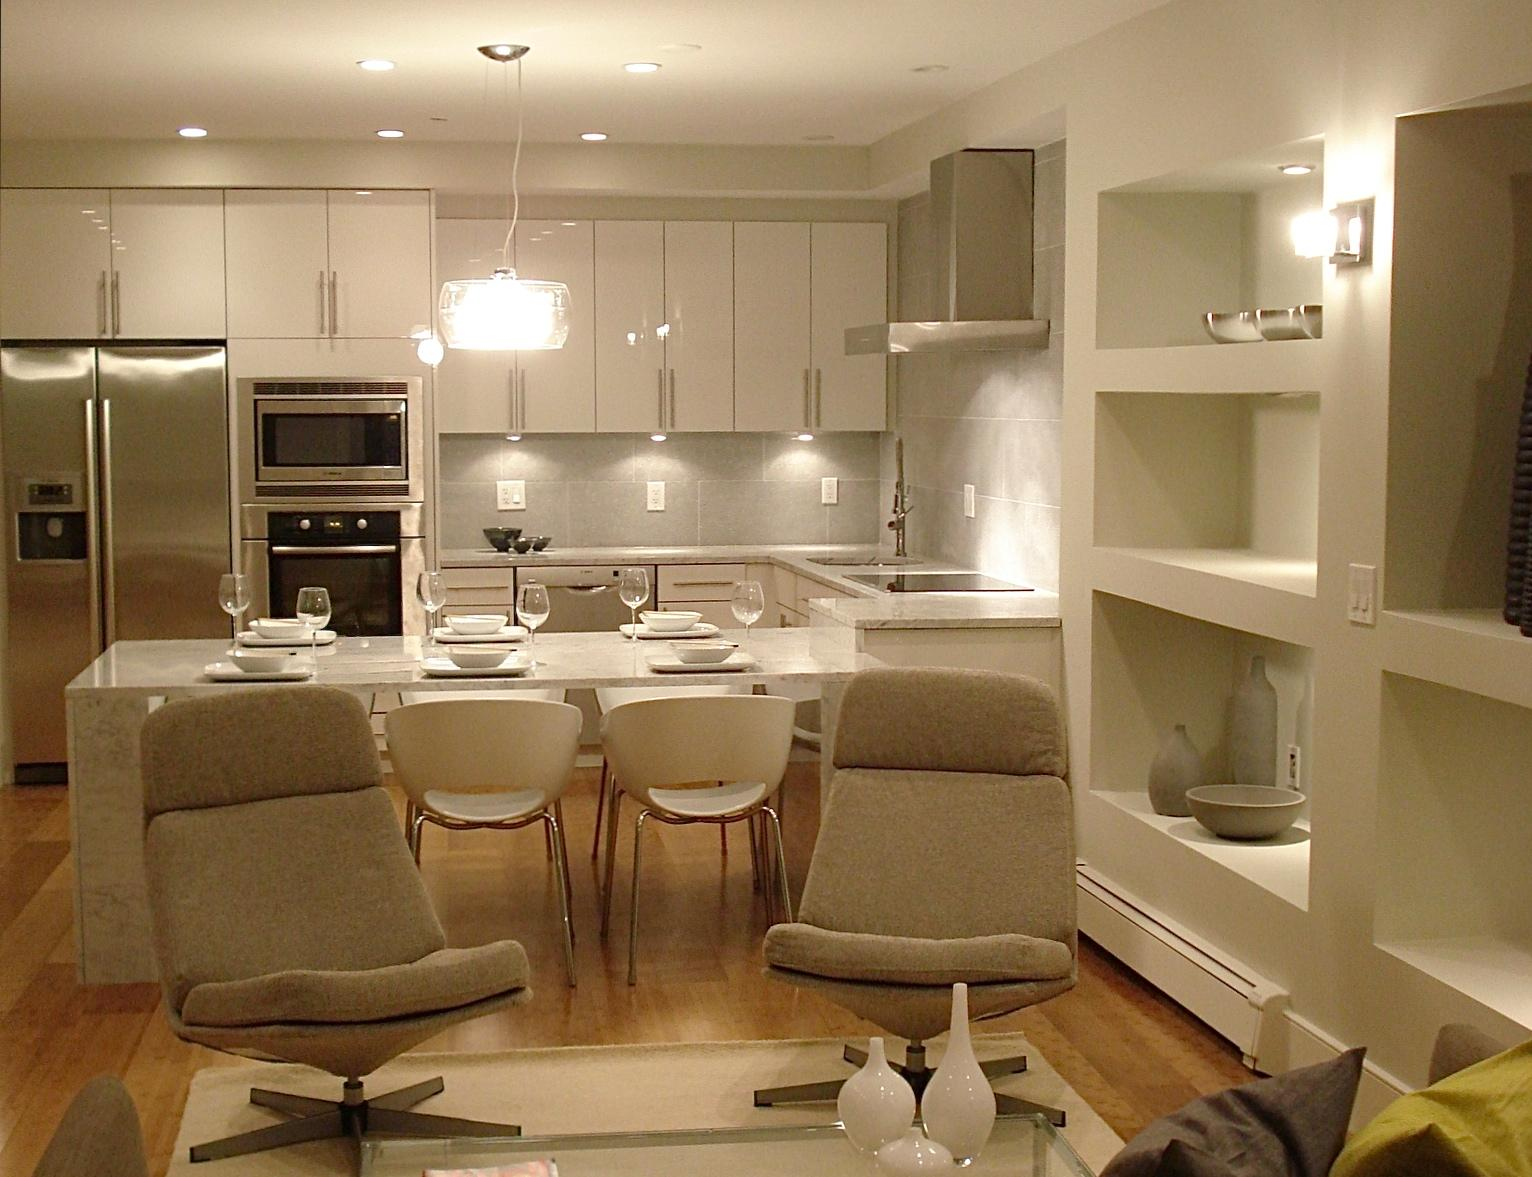 Люстра, настенная лампа и встроенное освещение на кухне